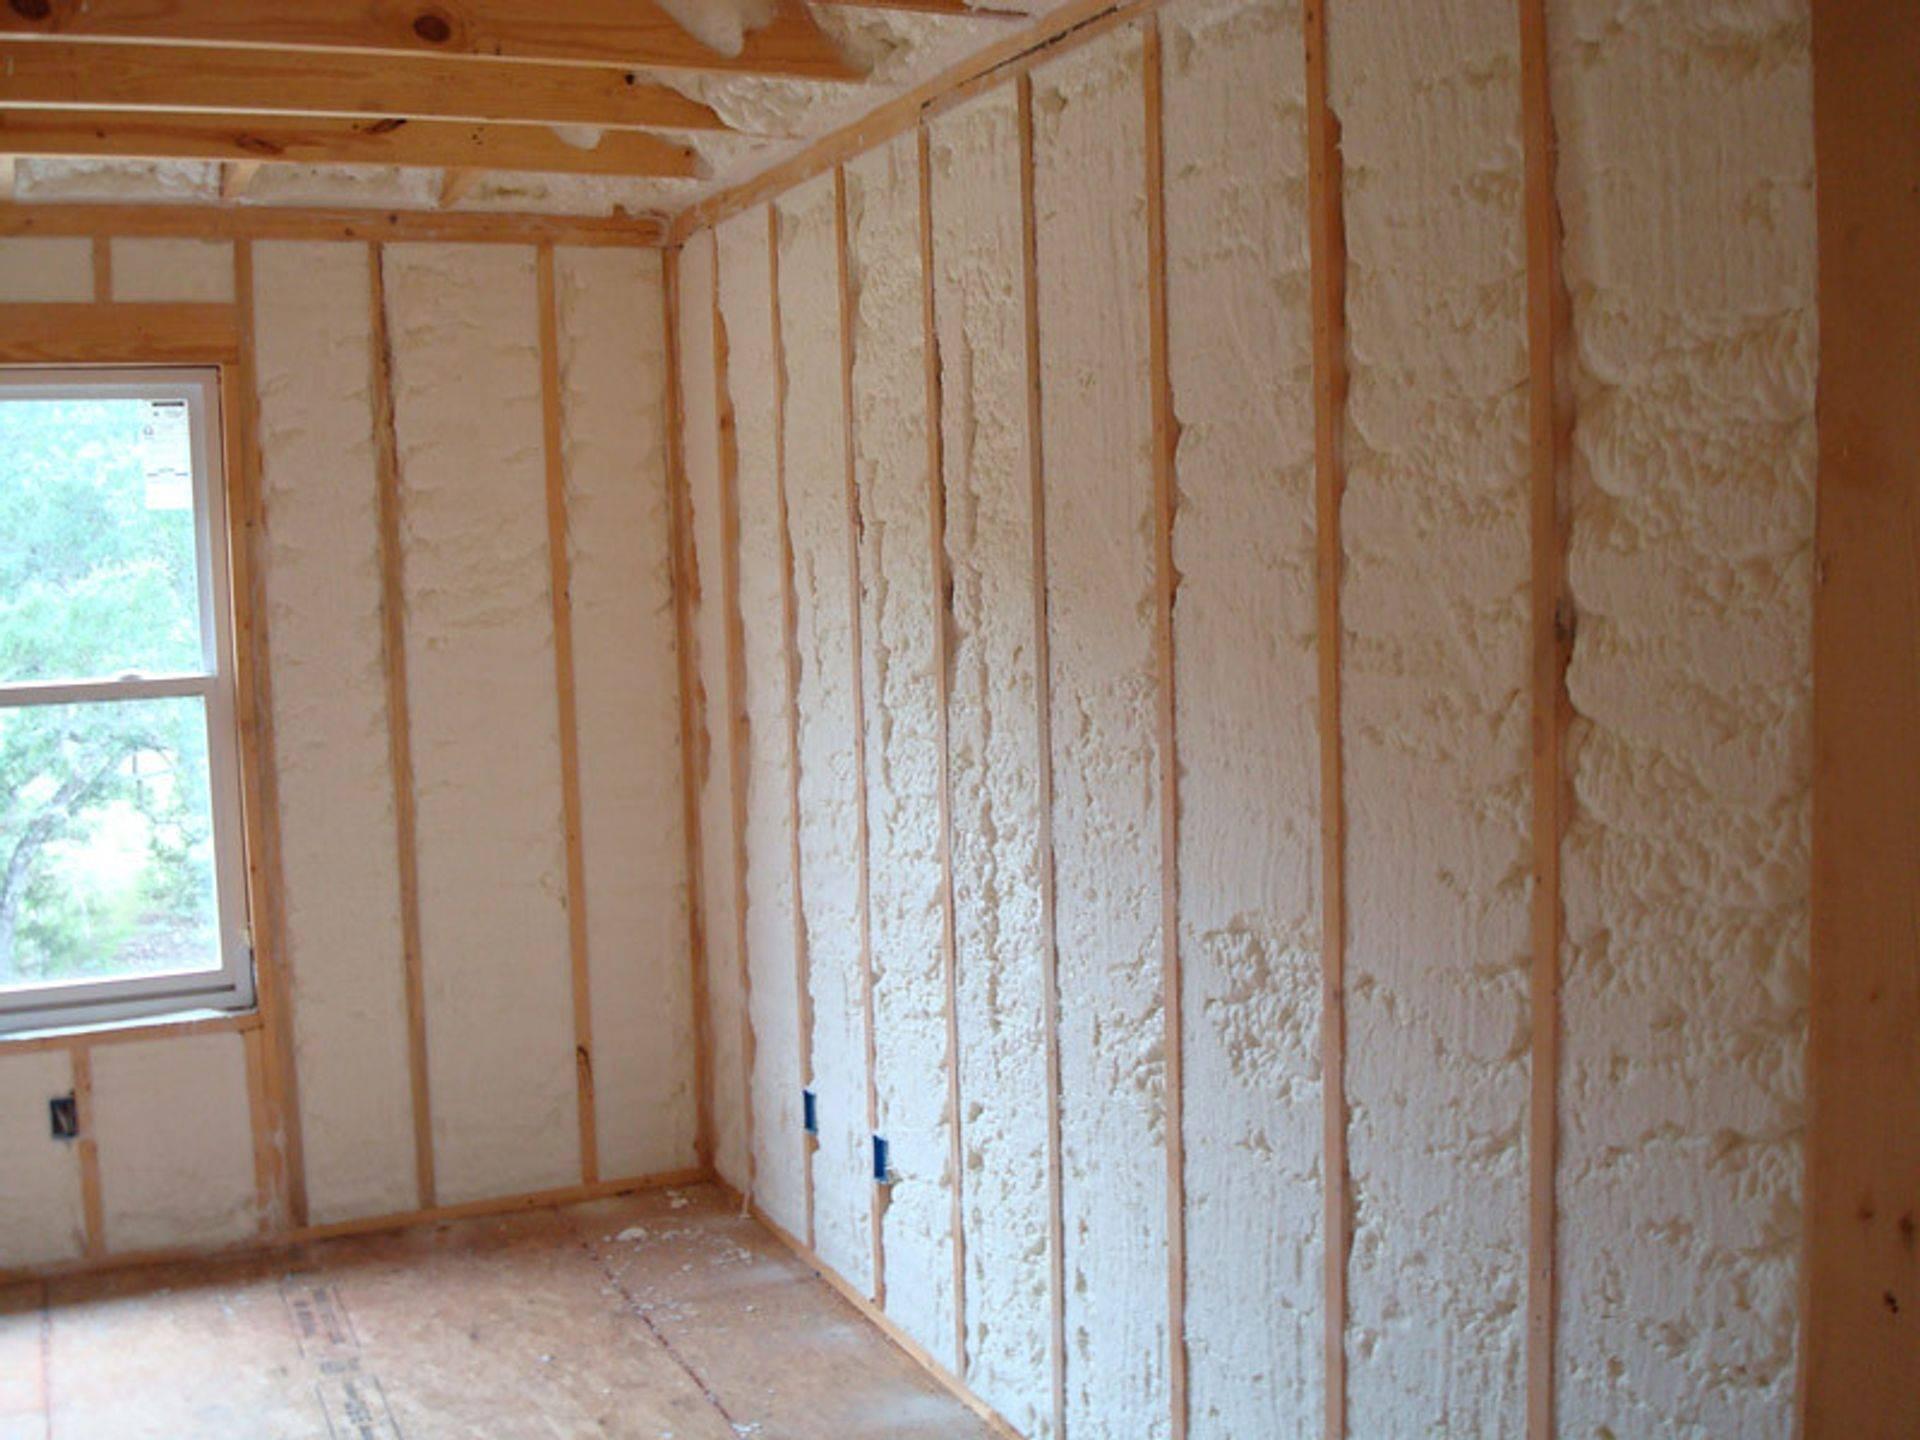 Утеплители для стен внутри квартиры: разновидности и правила выбора